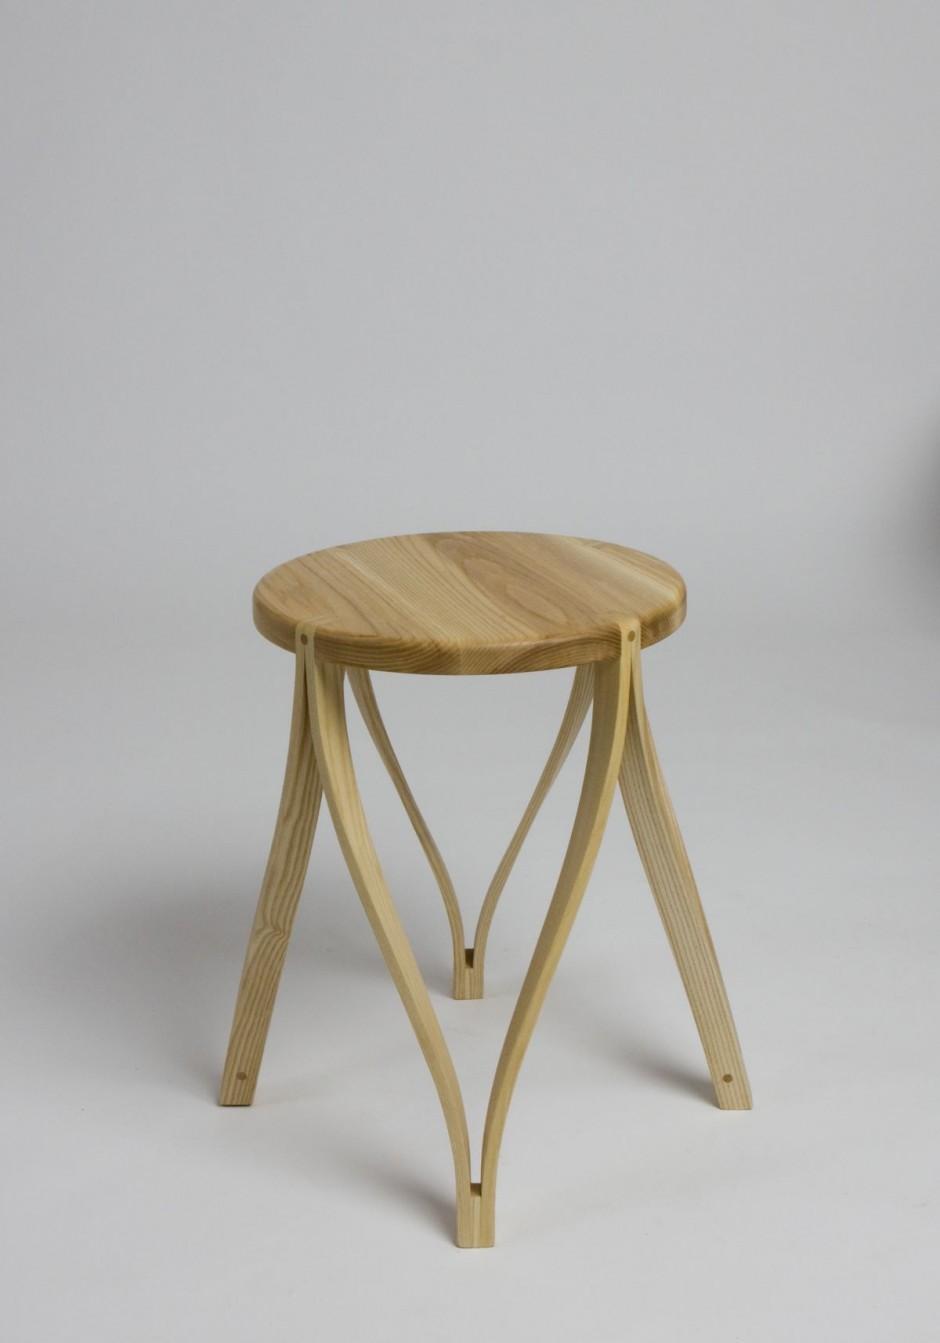 Furniture Steam Bentwood Chairs By Dohoon Kim Korean Designer .